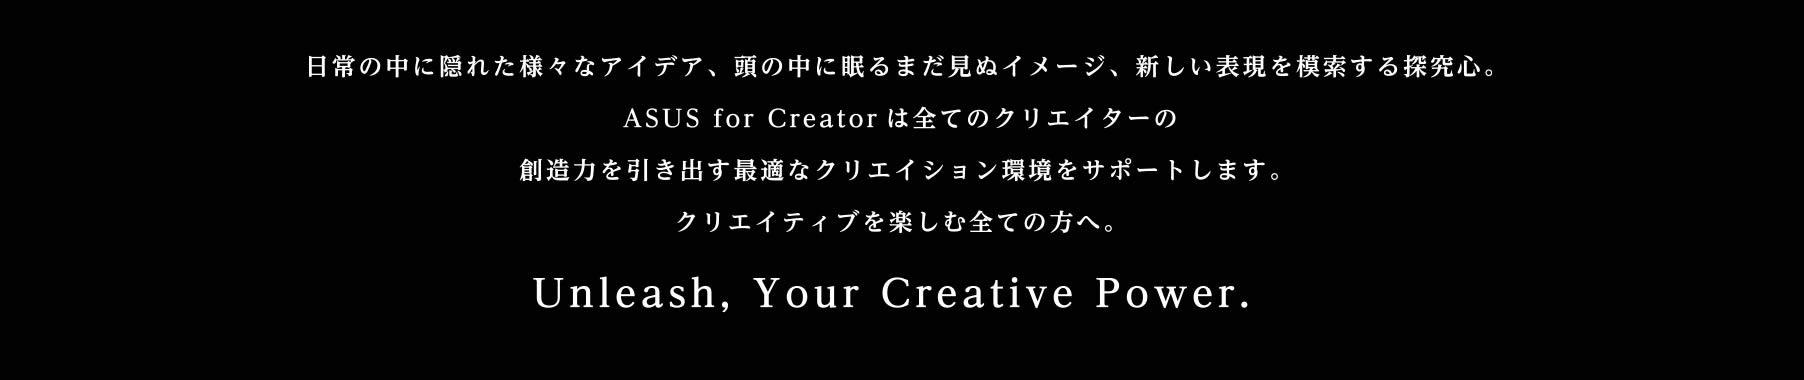 日常の中に隠れた様々なアイデア、頭の中に眠るまだ見ぬイメージ、新しい表現を模索する探究心。ASUS for Creator は全てのクリエイターの創造力を引き出す最適なクリエイション環境をサポートします。クリエイティブを楽しむ全ての方へ。Unleash, Your Creative Power.